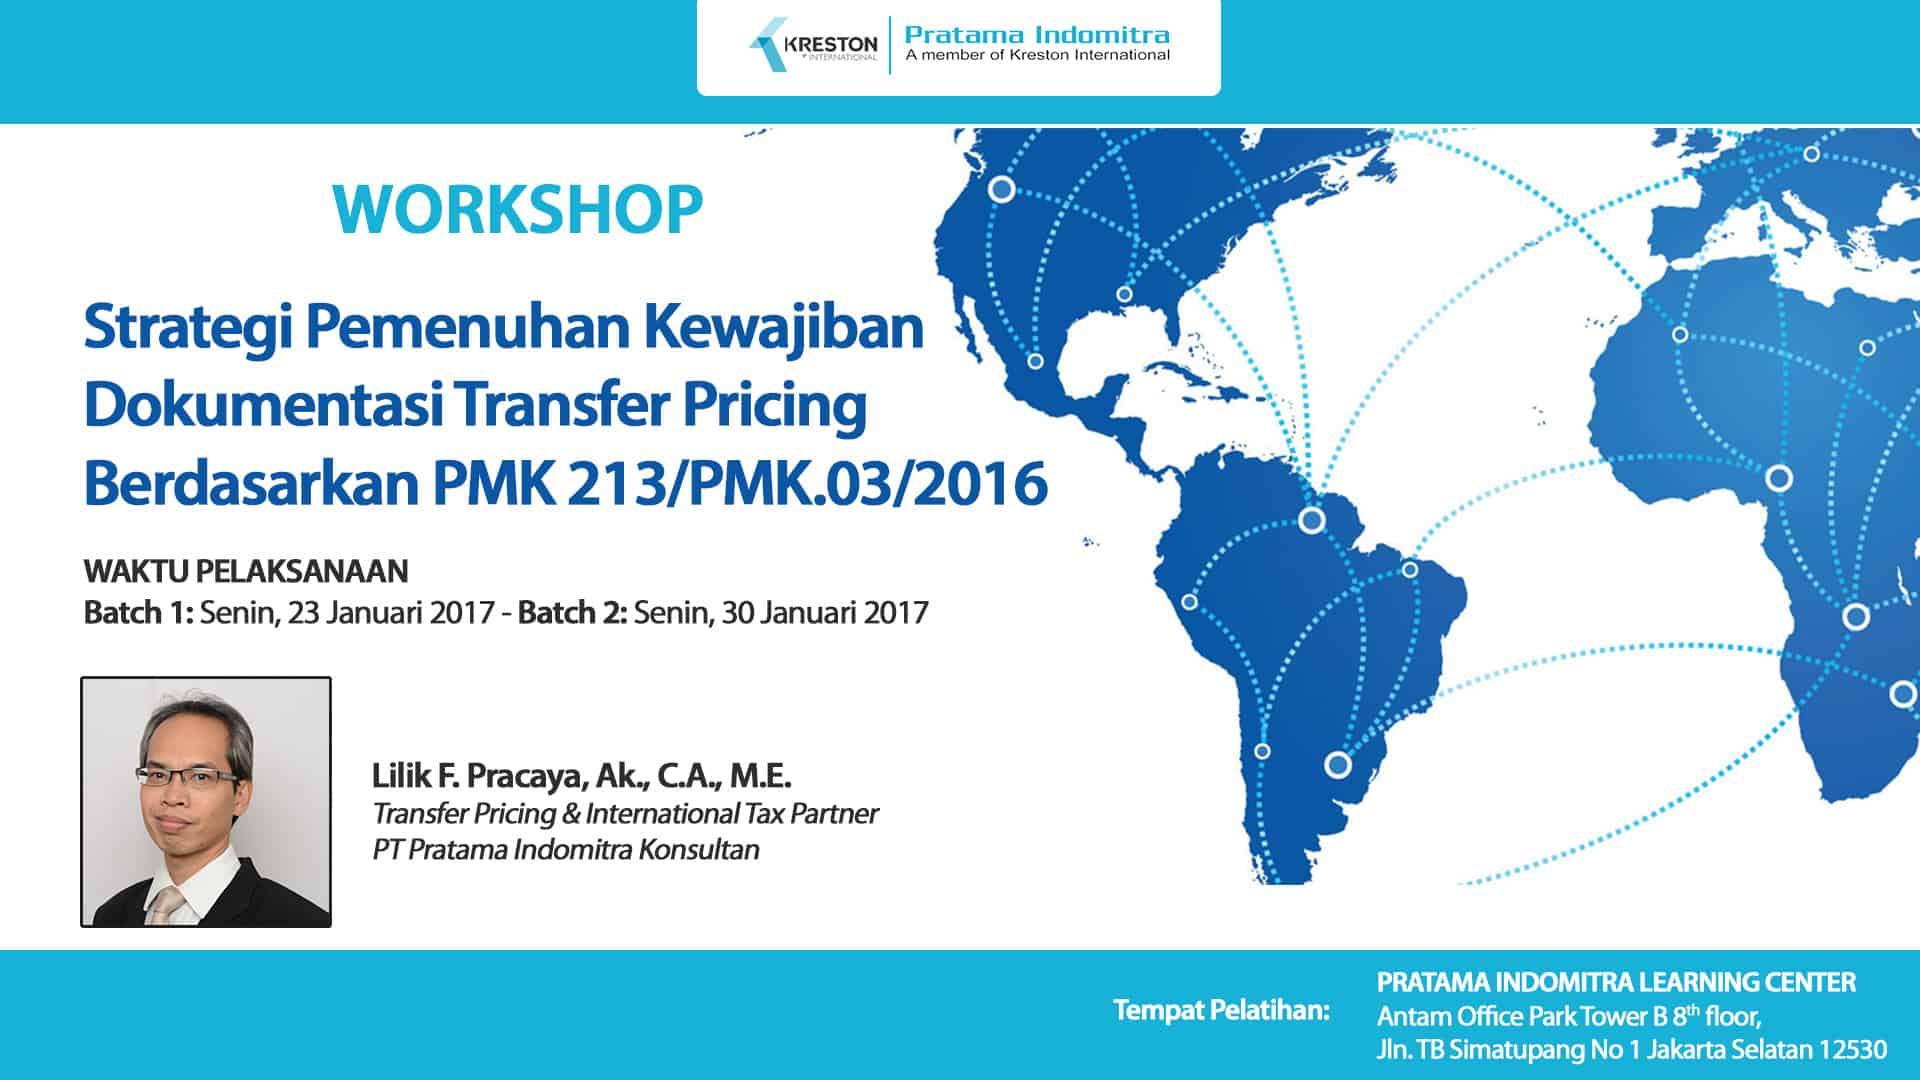 Strategi Pemenuhan Kewajiban Dokumentasi Transfer Pricing Berdasarkan PMK 213/PMK.03/2016 Tanggal 30 Desember 2016